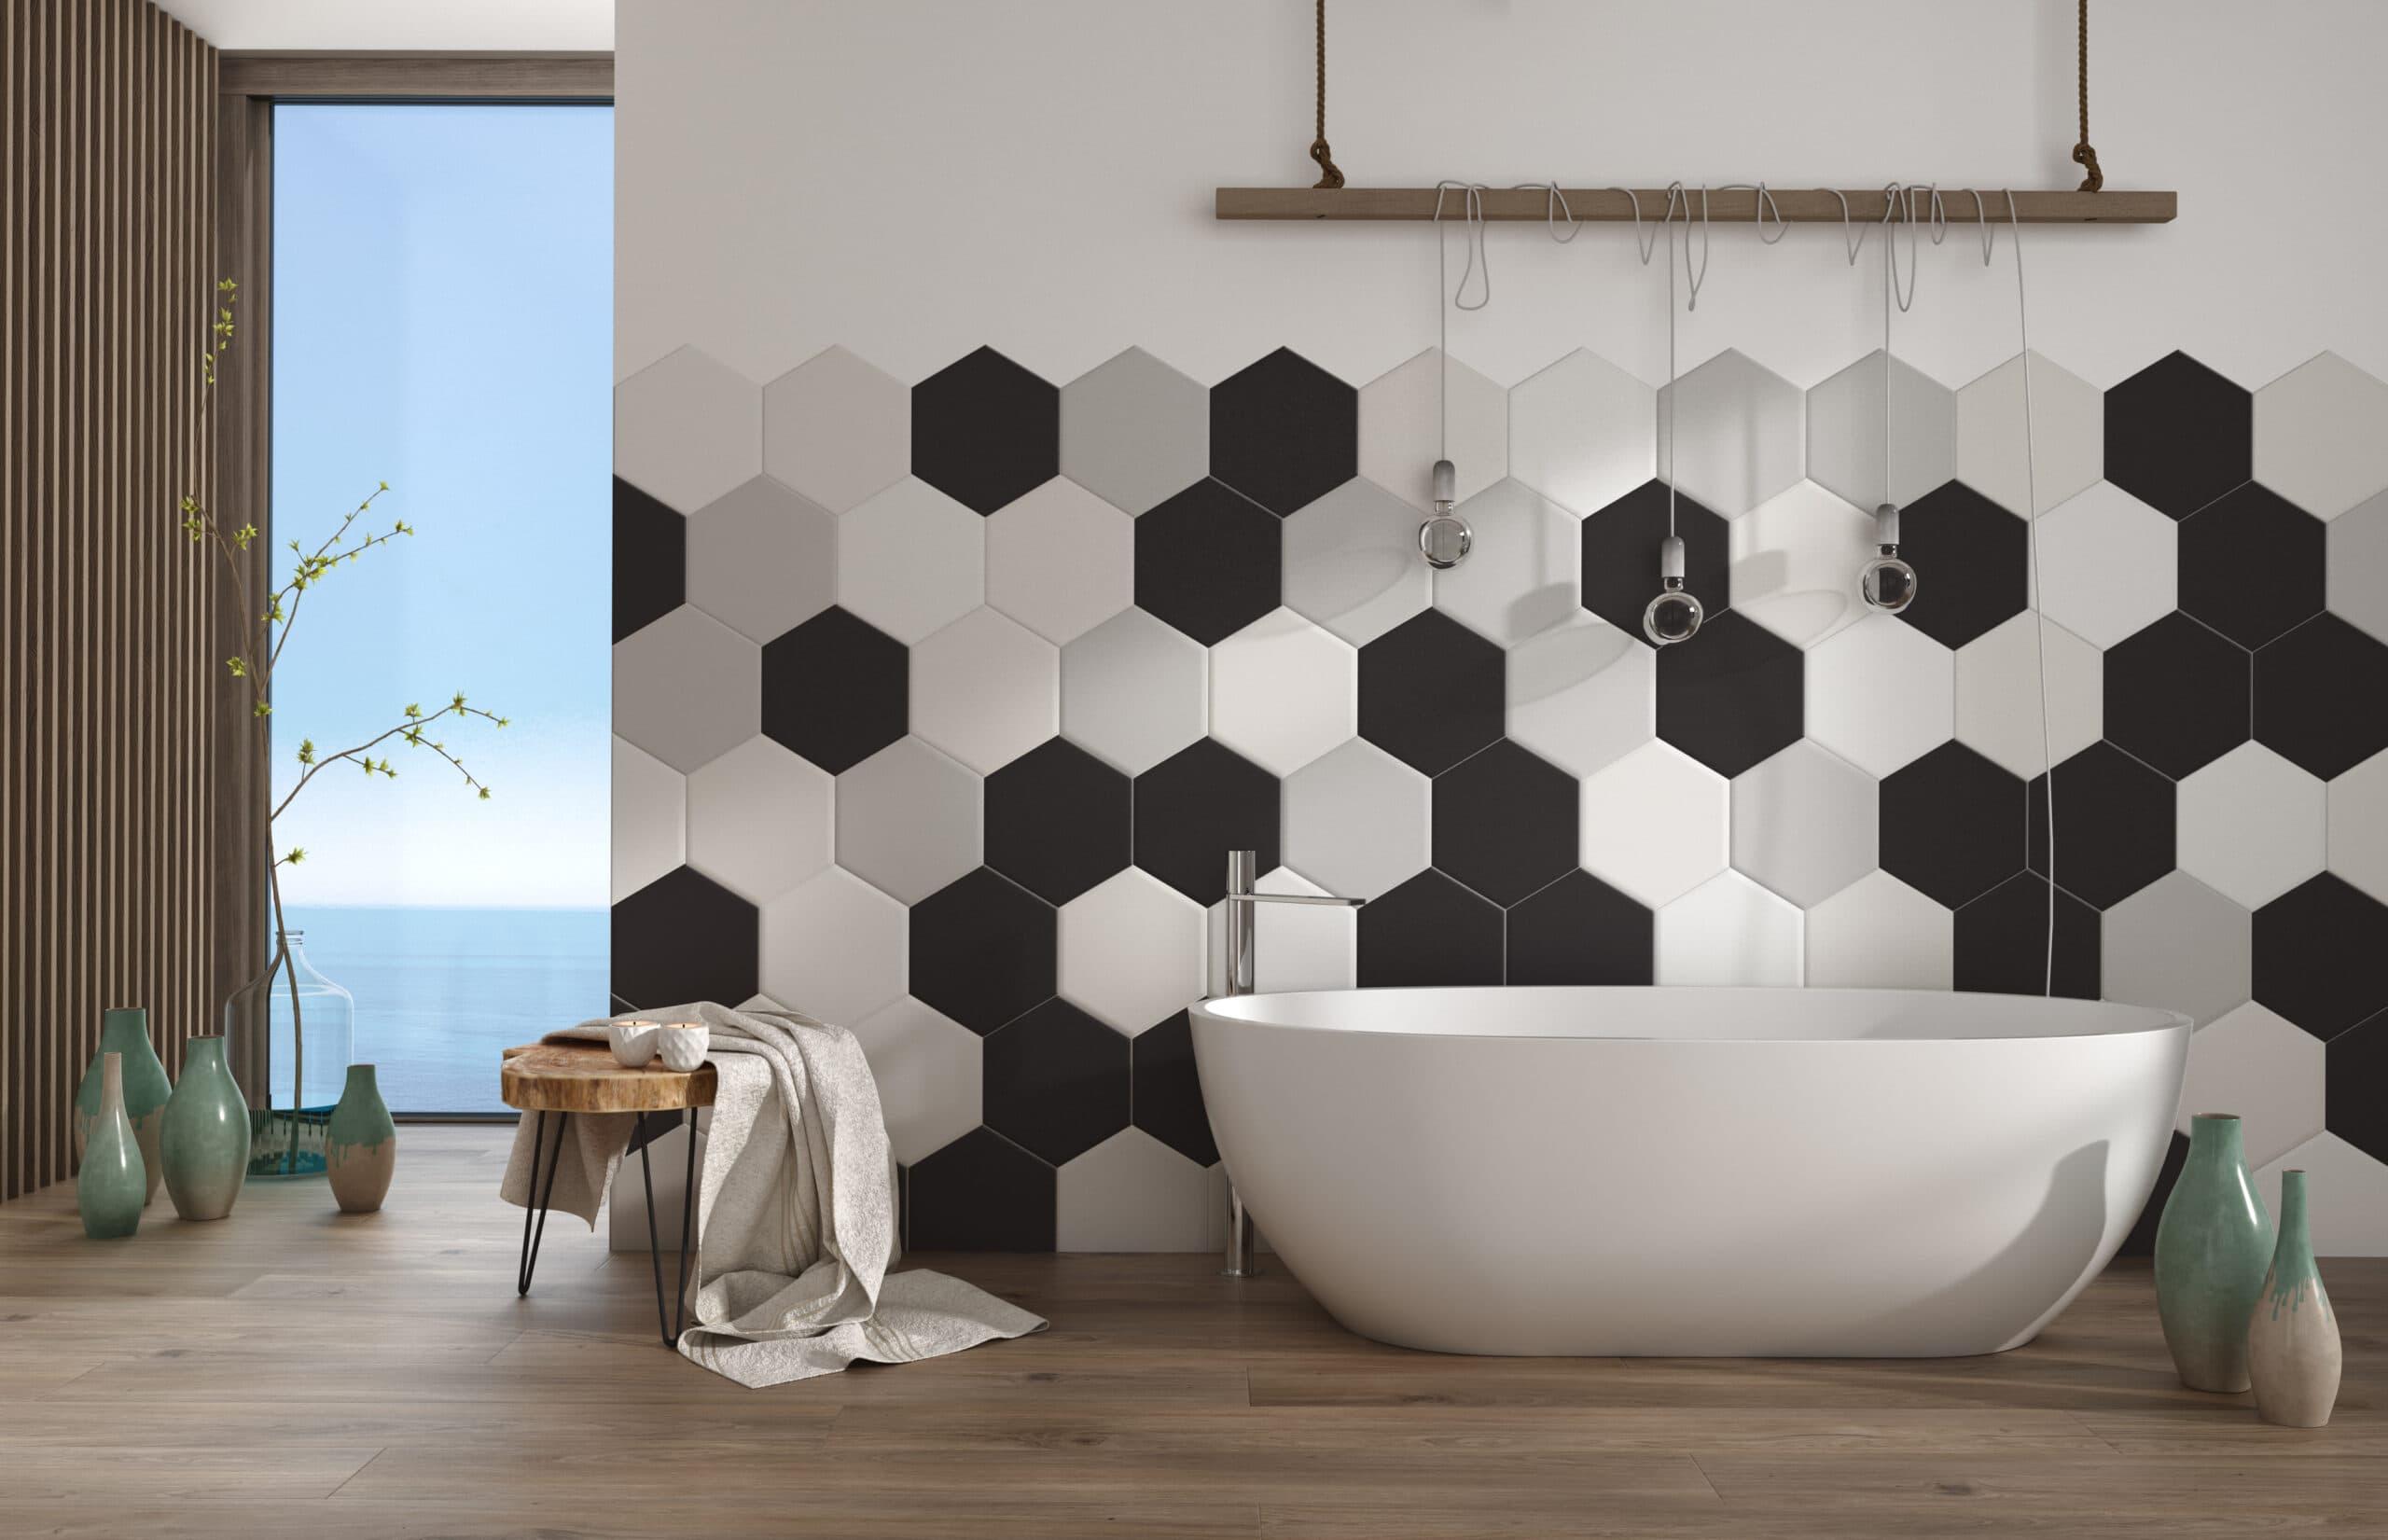 Baños porcelánico imitación madera